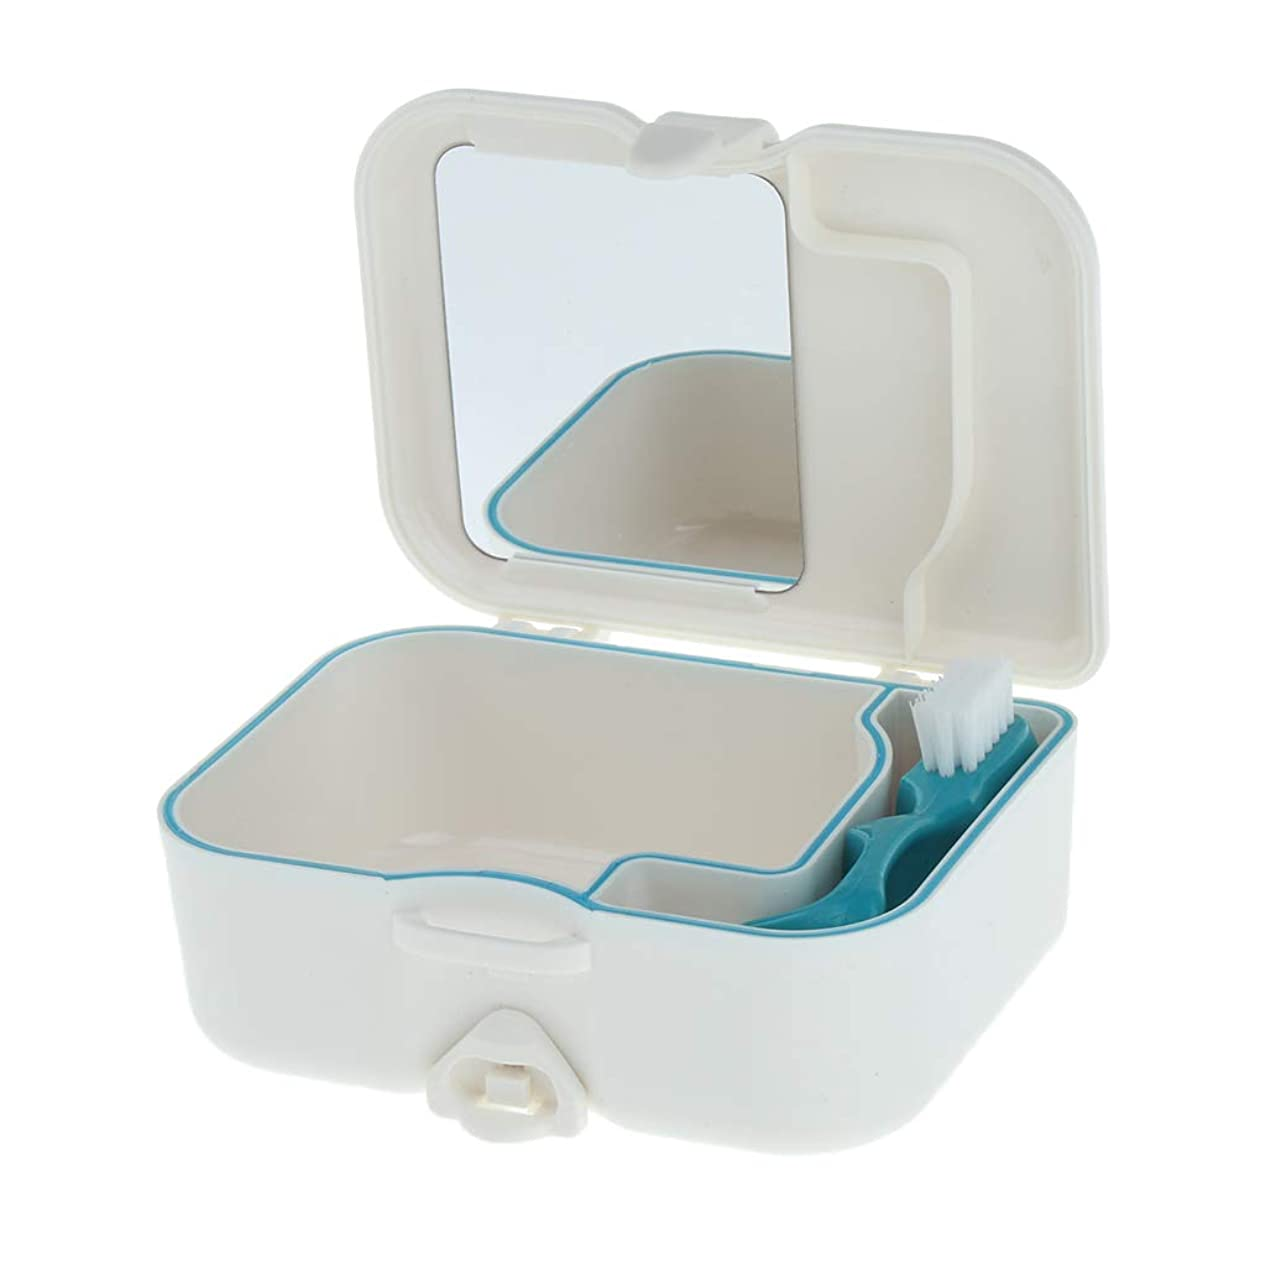 畝間重要な役割を果たす、中心的な手段となる仮定FLAMEER 義歯ボックス 収納ケース ミラー ブラシ付 便利